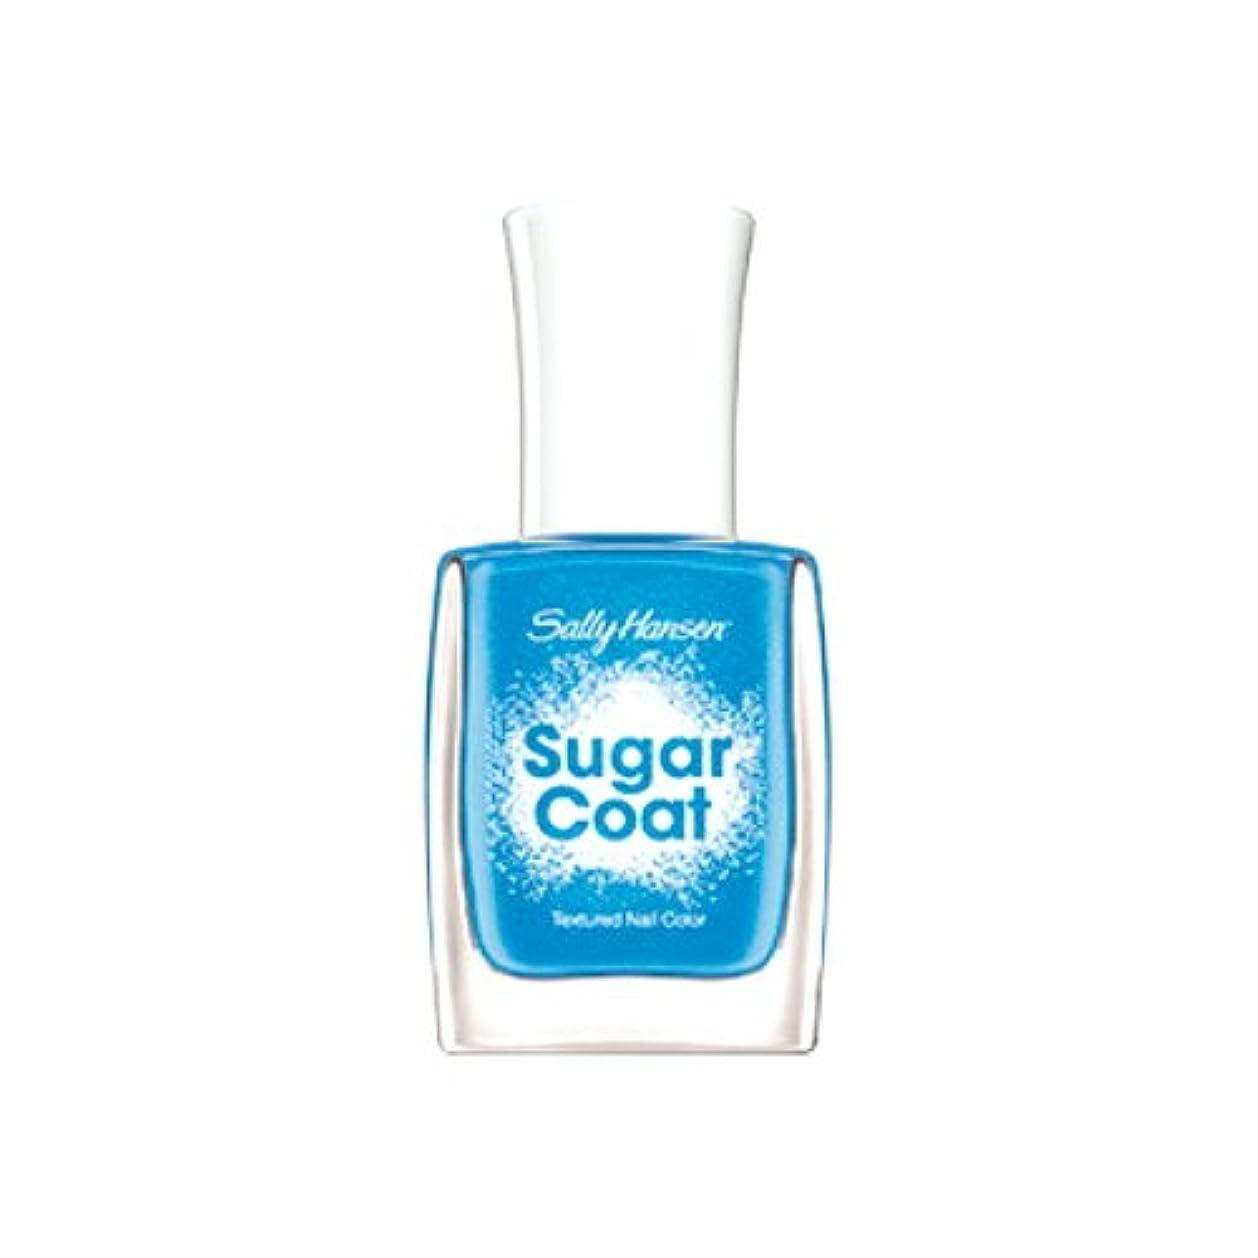 スイス人意志に反する前方へSALLY HANSEN Sugar Coat Special Effect Textured Nail Color - Razzle-berry (並行輸入品)